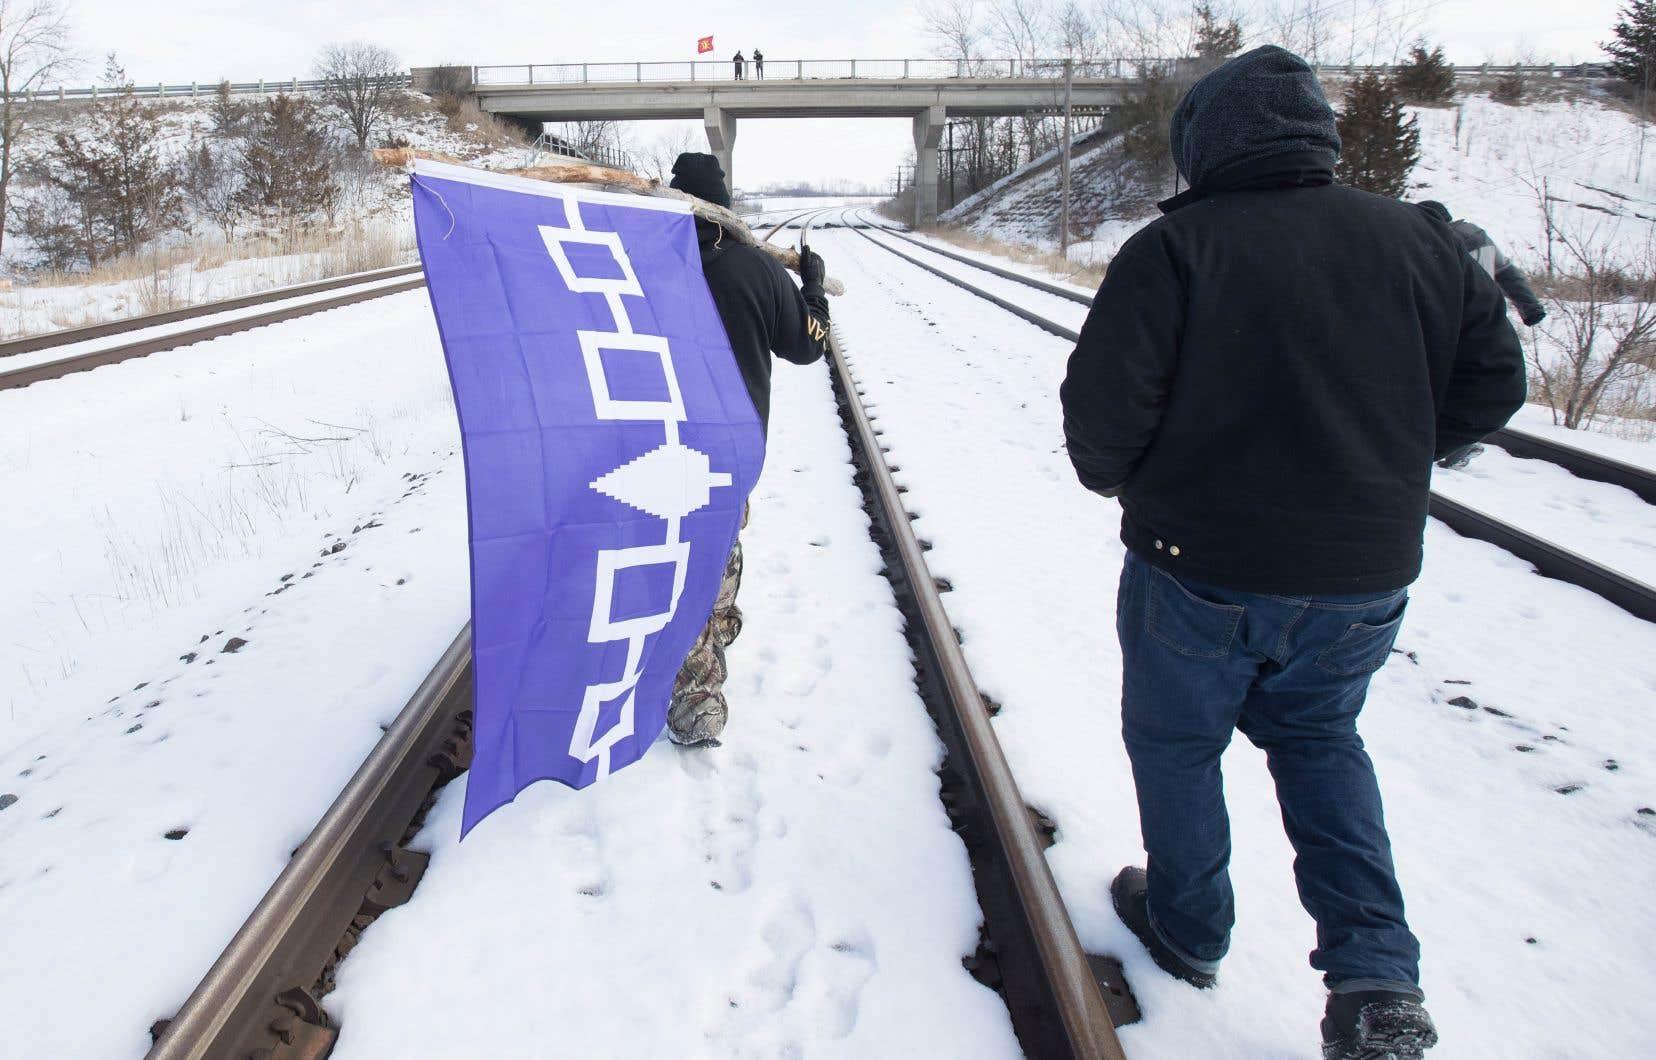 Les manifestants bloquent plusieurs lignes ferroviaires au pays pour appuyer les opposants au projet de gazoduc Coastal GasLink, commeici sur le territoire mohawk deTyendinaga.